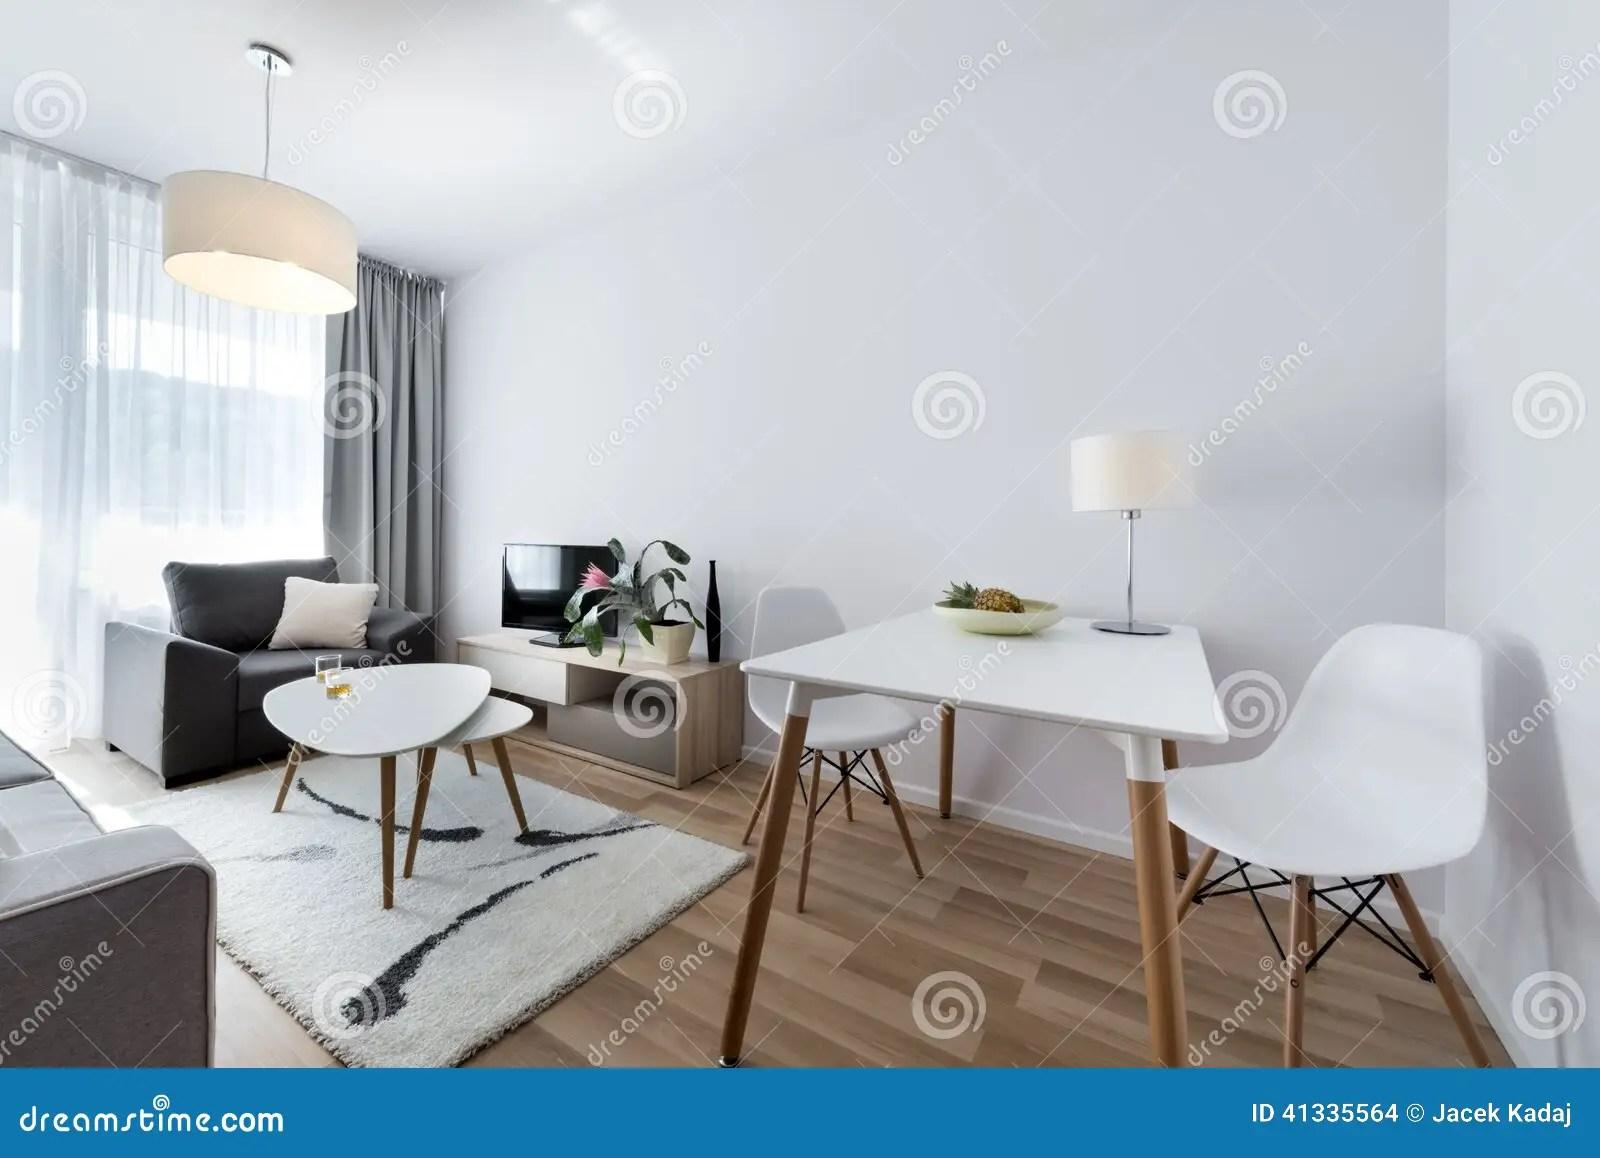 Stanza Moderna Di Interior Design Nello Stile Scandinavo